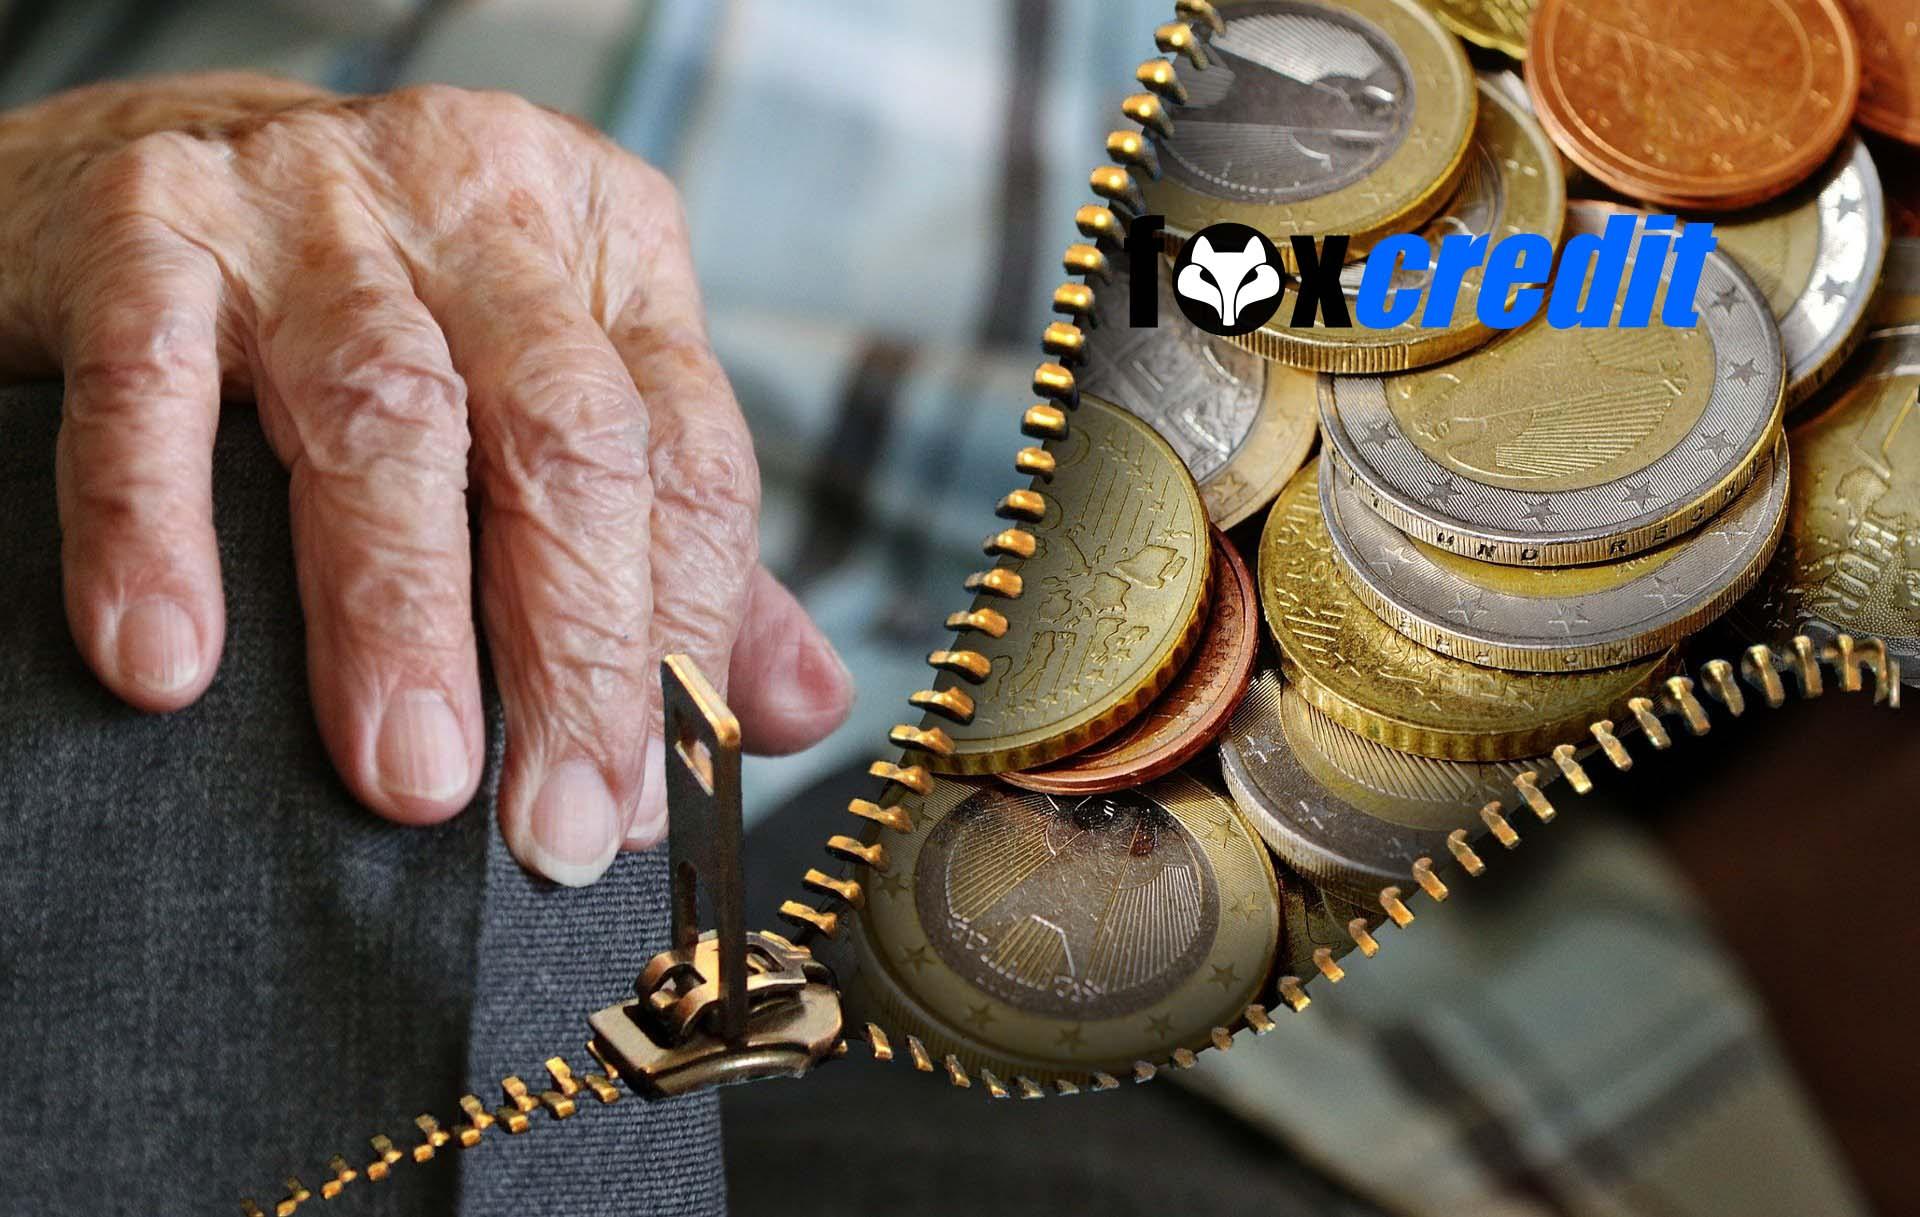 Fuchs. Gold, Sparen, Milliardär, China, Leitzins, Cembra, Geldschwemme, Zinsobergrenze, Foxcredit, Kleinkredit, Online Kredit, Onlinekredit, Finanzierung, Kredit, loan, Leasing, Zinssatz, Hypothek, Bank, Bankkonto, Brexit, Bitcoin, Auslandschweizern, Finanzjongleure, Eurozone, Euro, Franken, Krypto, Bankenchefs, Dollar, Auto Kredit, Ferien Kredit, Wein Kredit, Immo Kredit, Raten Kredit, Medi Kredit, Privat Kredit, Klein Kredit, Sofort Kredit, Umschuldungs Kredit, Raten Kredit, FAQ, Glossar, Impressum, Fuchs. Gold, Sparen, Milliardär, China, Leitzins, Cembra, Geldschwemme, Zinsobergrenze, Foxcredit, Kleinkredit, Online Kredit, Onlinekredit, Finanzierung, Kredit, loan, Leasing, Zinssatz, Hypothek, Bank, Bankkonto, Brexit, Bitcoin, Auslandschweizern, Finanzjongleure, Eurozone, Euro, Franken, Krypto, Bankenchefs, Dollar, Auto Kredit, Ferien Kredit, Wein Kredit, Immo Kredit, Raten Kredit, Medi Kredit, Privat Kredit, Klein Kredit, Sofort Kredit, Umschuldungs Kredit, Raten Kredit, FAQ, Glossar, Kredit Banken, Kreditinformation, Ratgeber, Zahlen, Fakten, Download, Downloads,